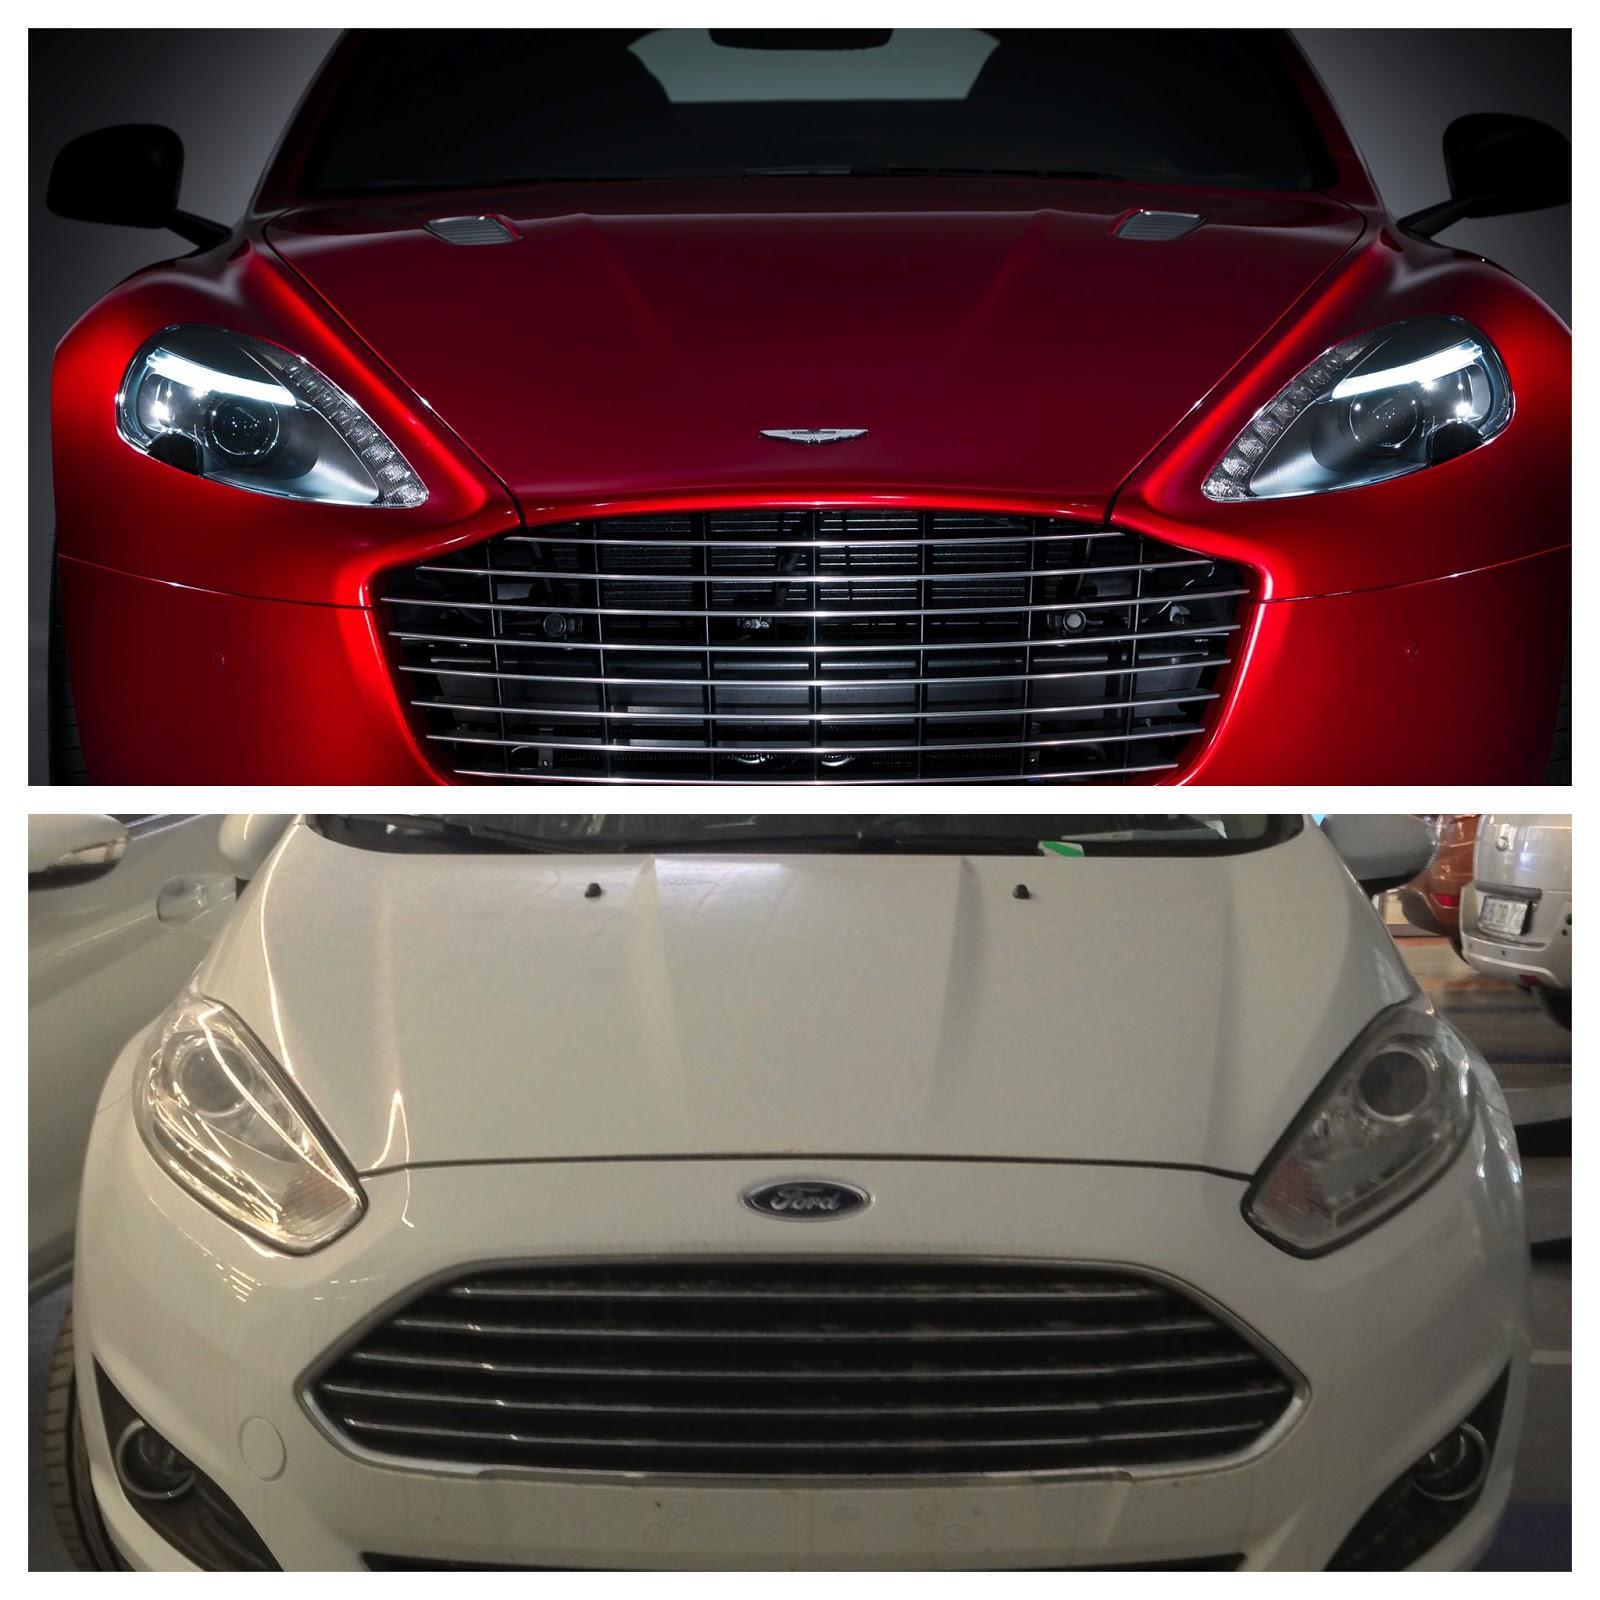 Ford Fiesta Vs Aston Martin Rapide S Design Similarity